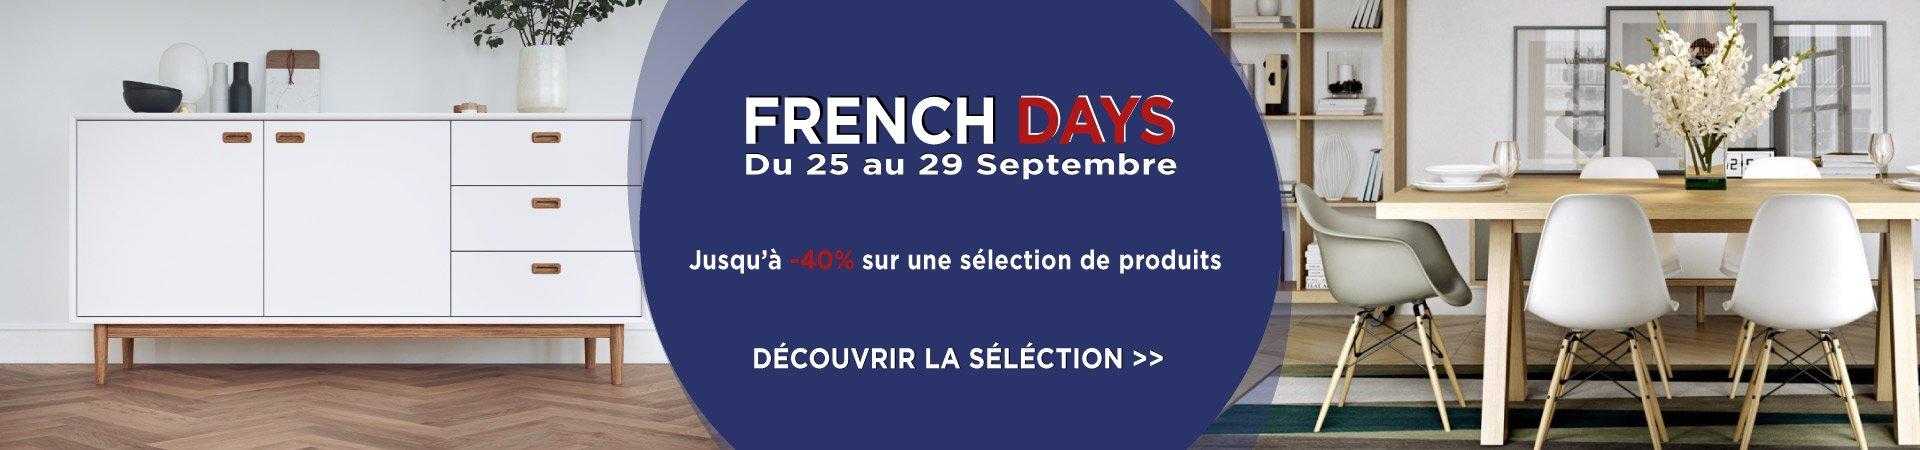 French Days : Jusqu'à - 40% sur de nombreux produits design et tendances